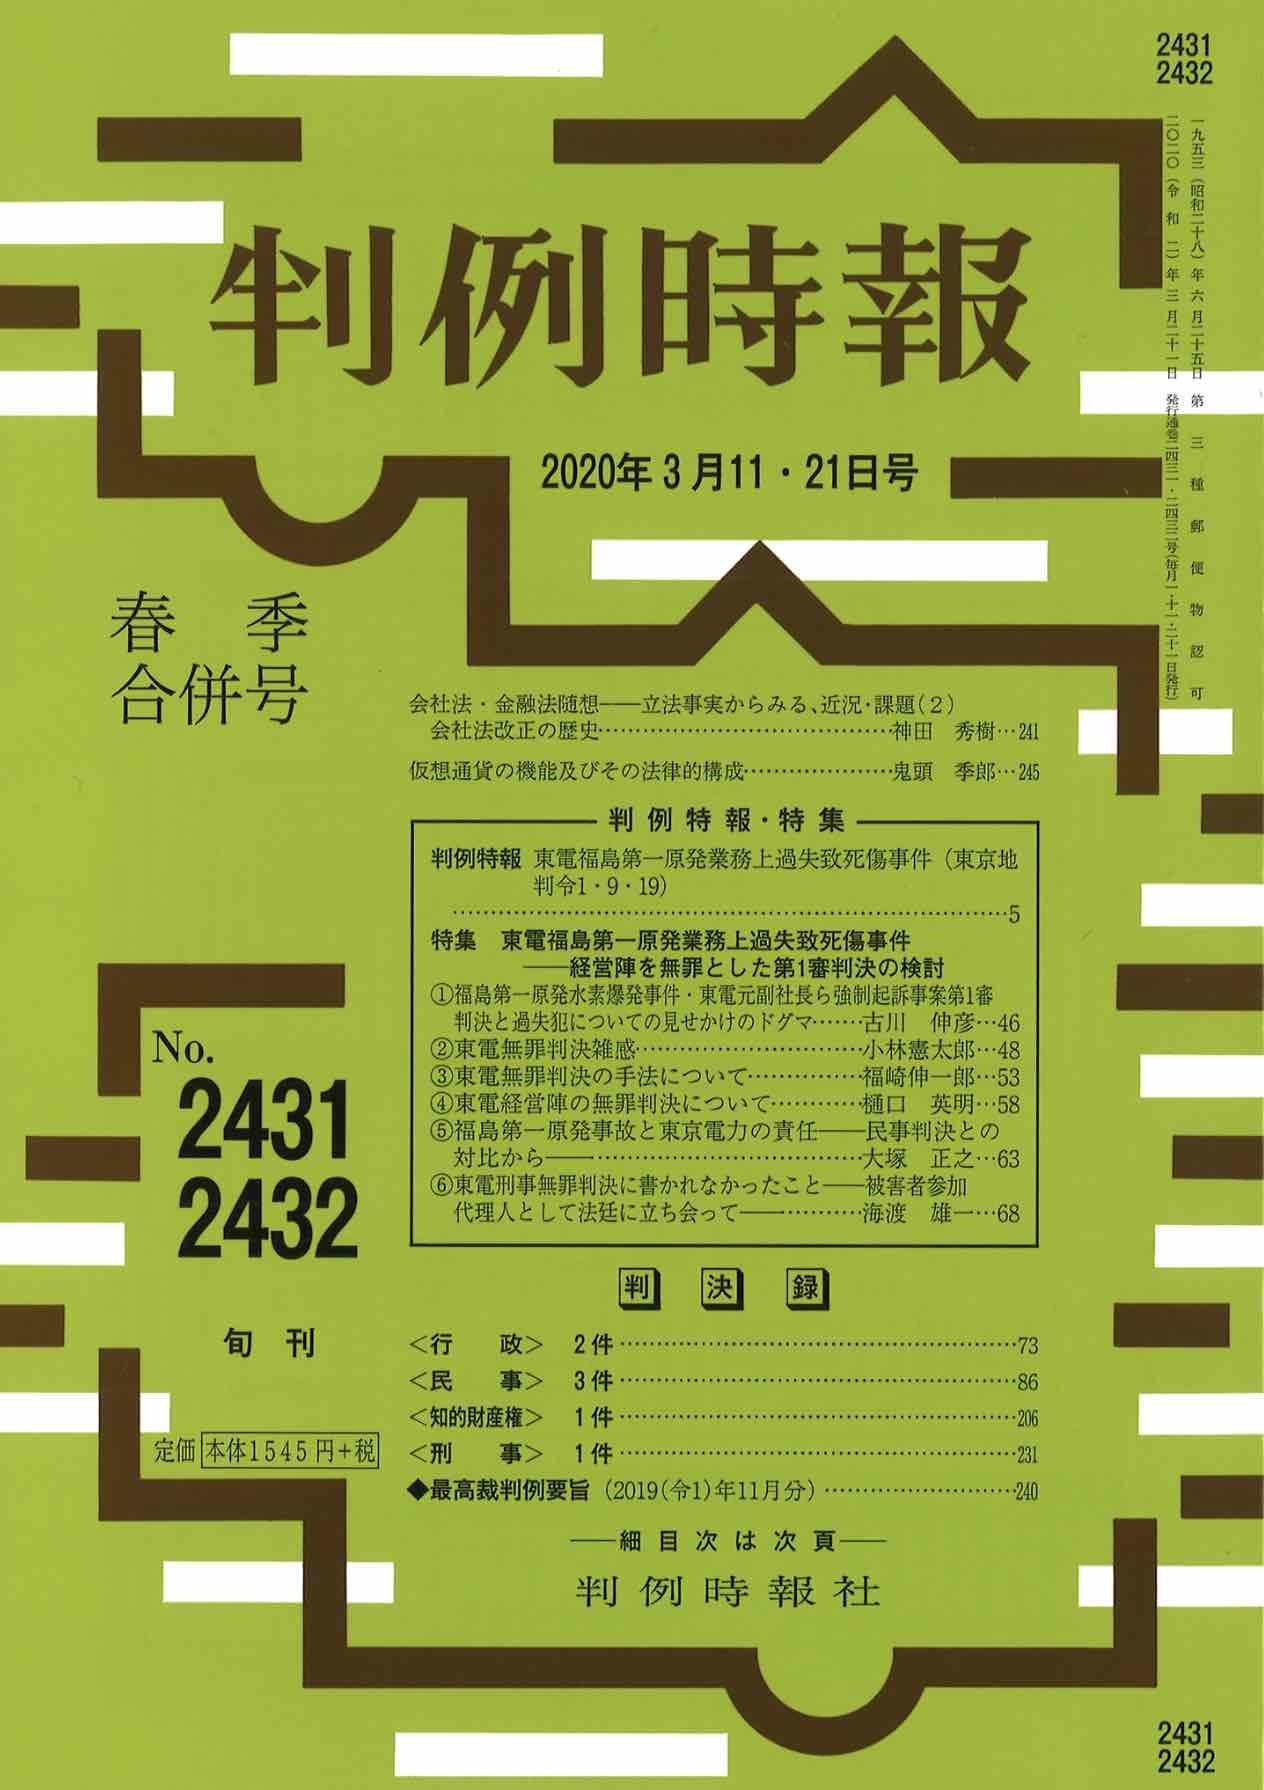 判例時報の「東電刑事裁判」特集号_e0068696_17031220.jpg